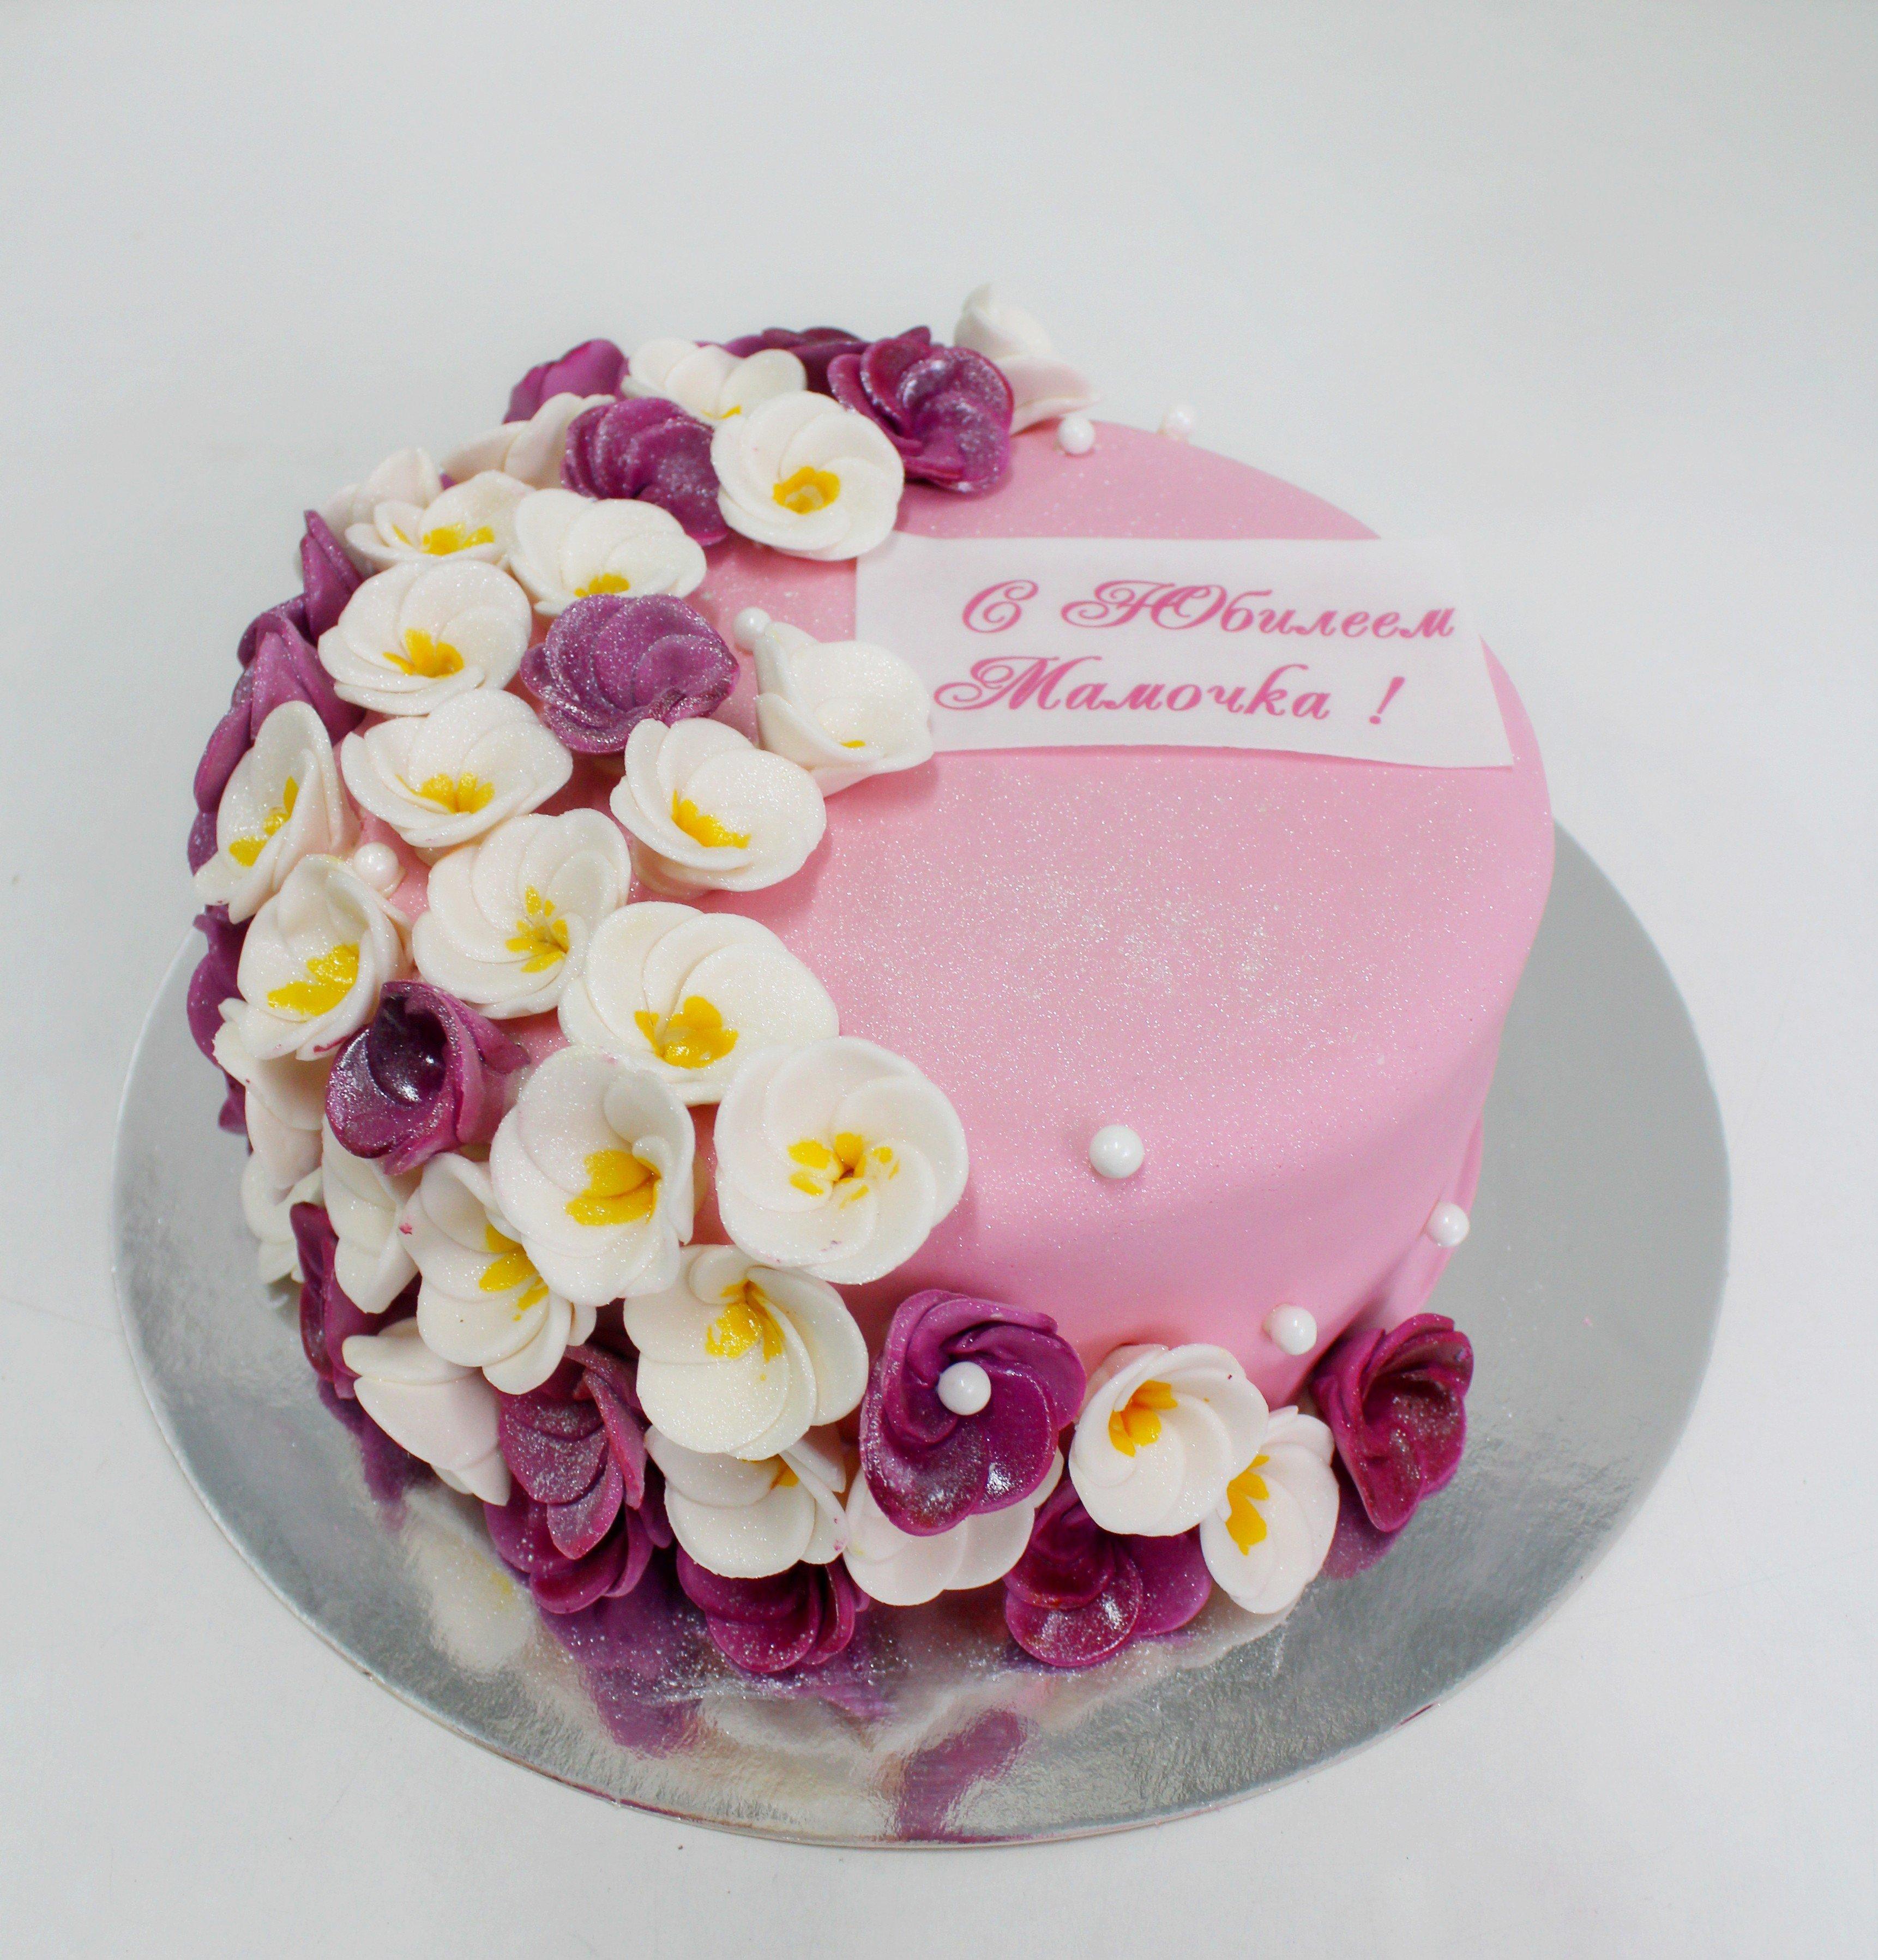 людей большую торты на заказ фото с днем рождения ней площадке